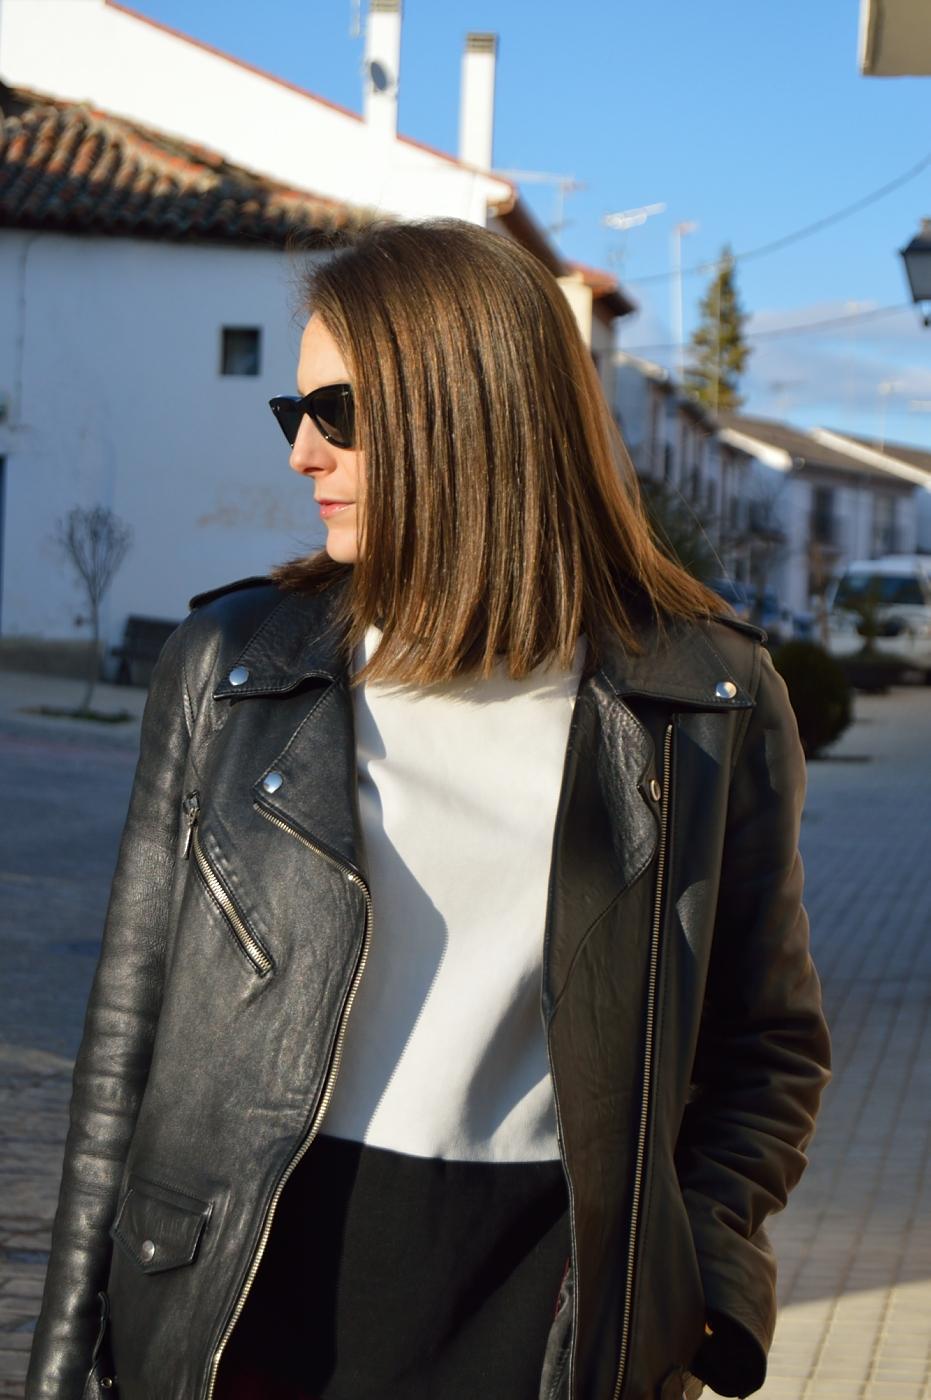 lara-vazquez-mad-lula-style-fashion-streetstyle-girl-blonde